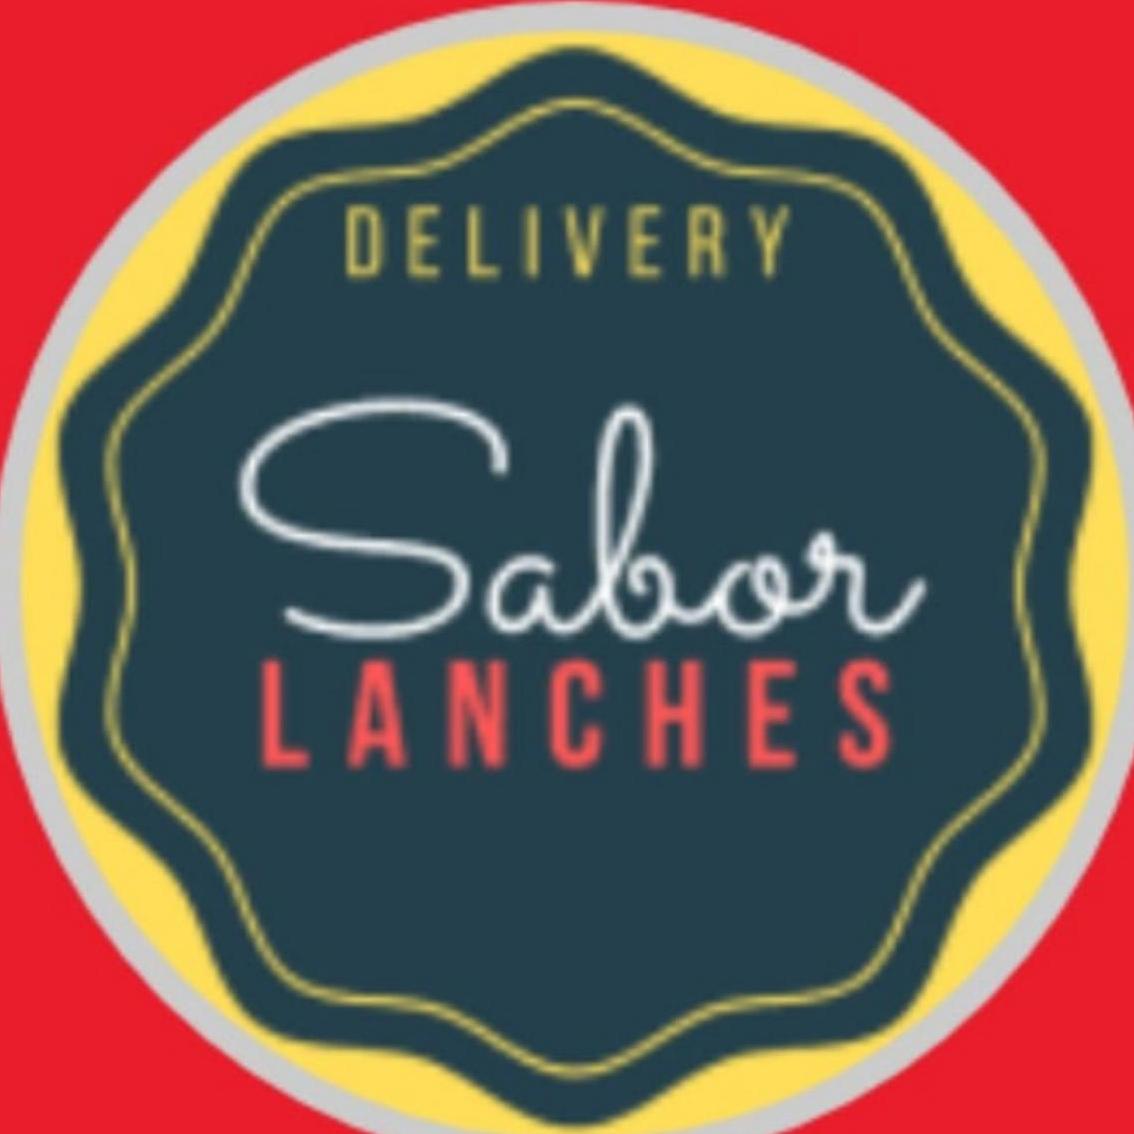 Sabor Lanches